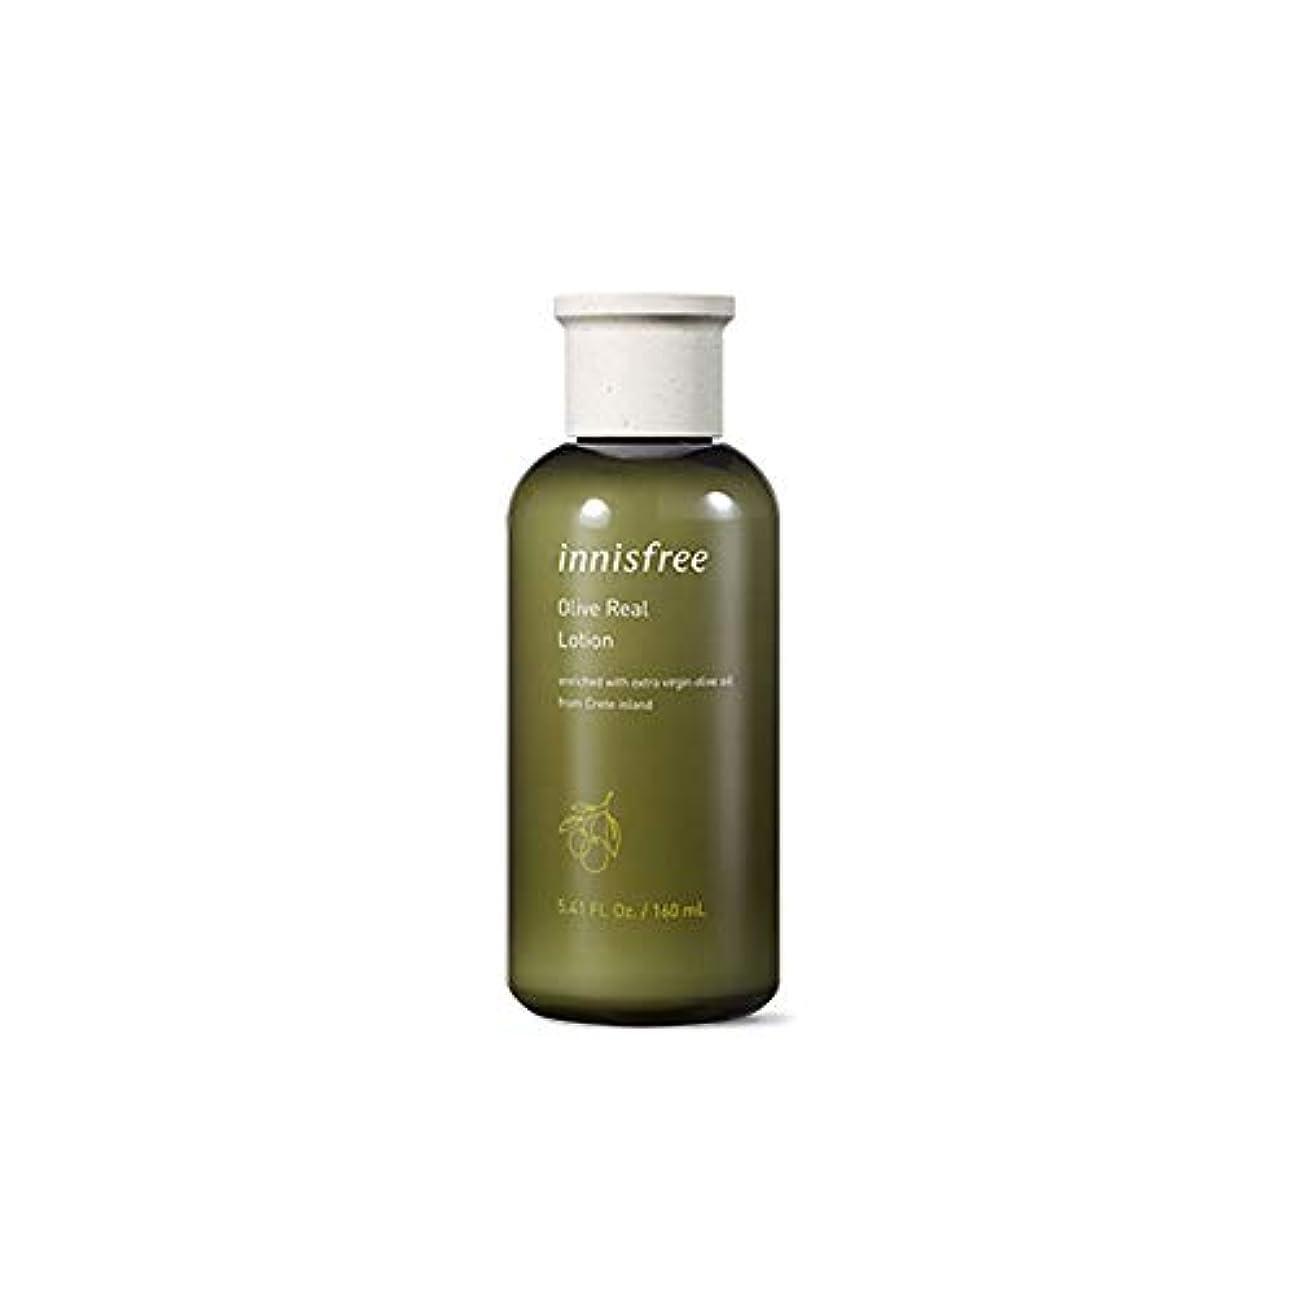 目指す開業医昼食NEW[イニスフリー] Innisfree オリーブリアルローション乳液EX(160ml) Innisfree Olive Real Lotion(160ml)EX [海外直送品]